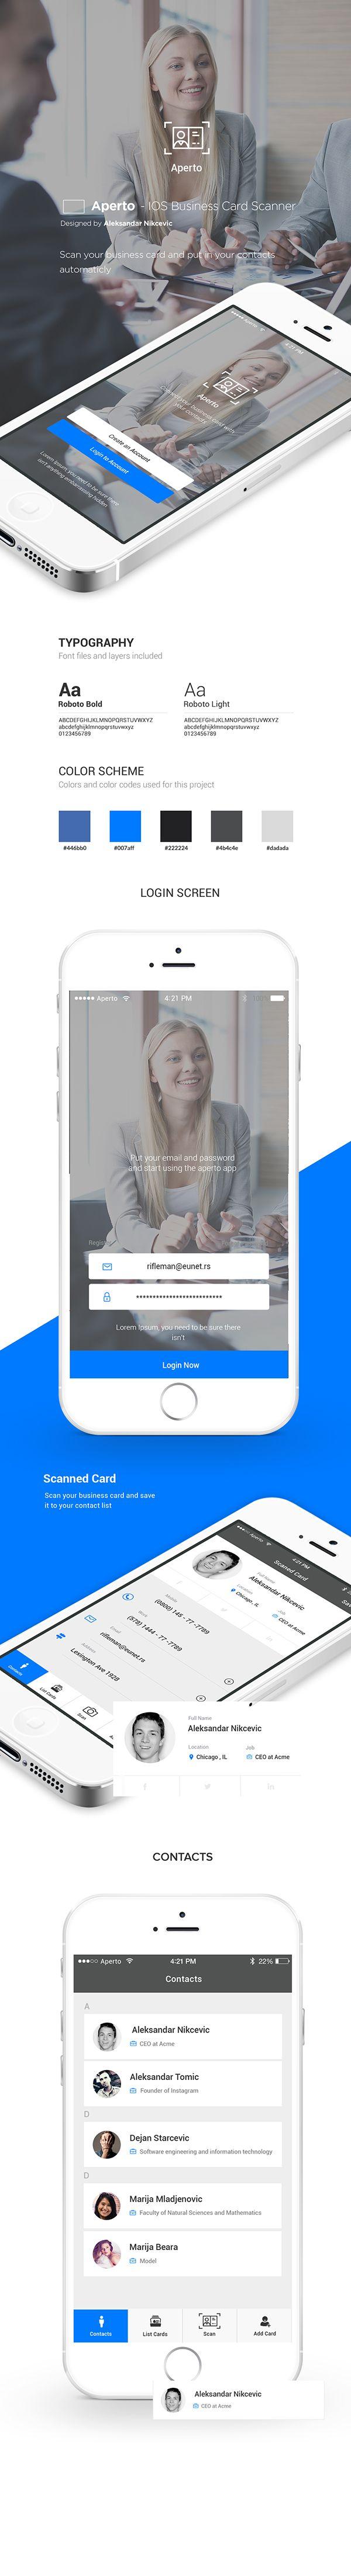 25 melhores ideias de mobile scanner app no pinterest